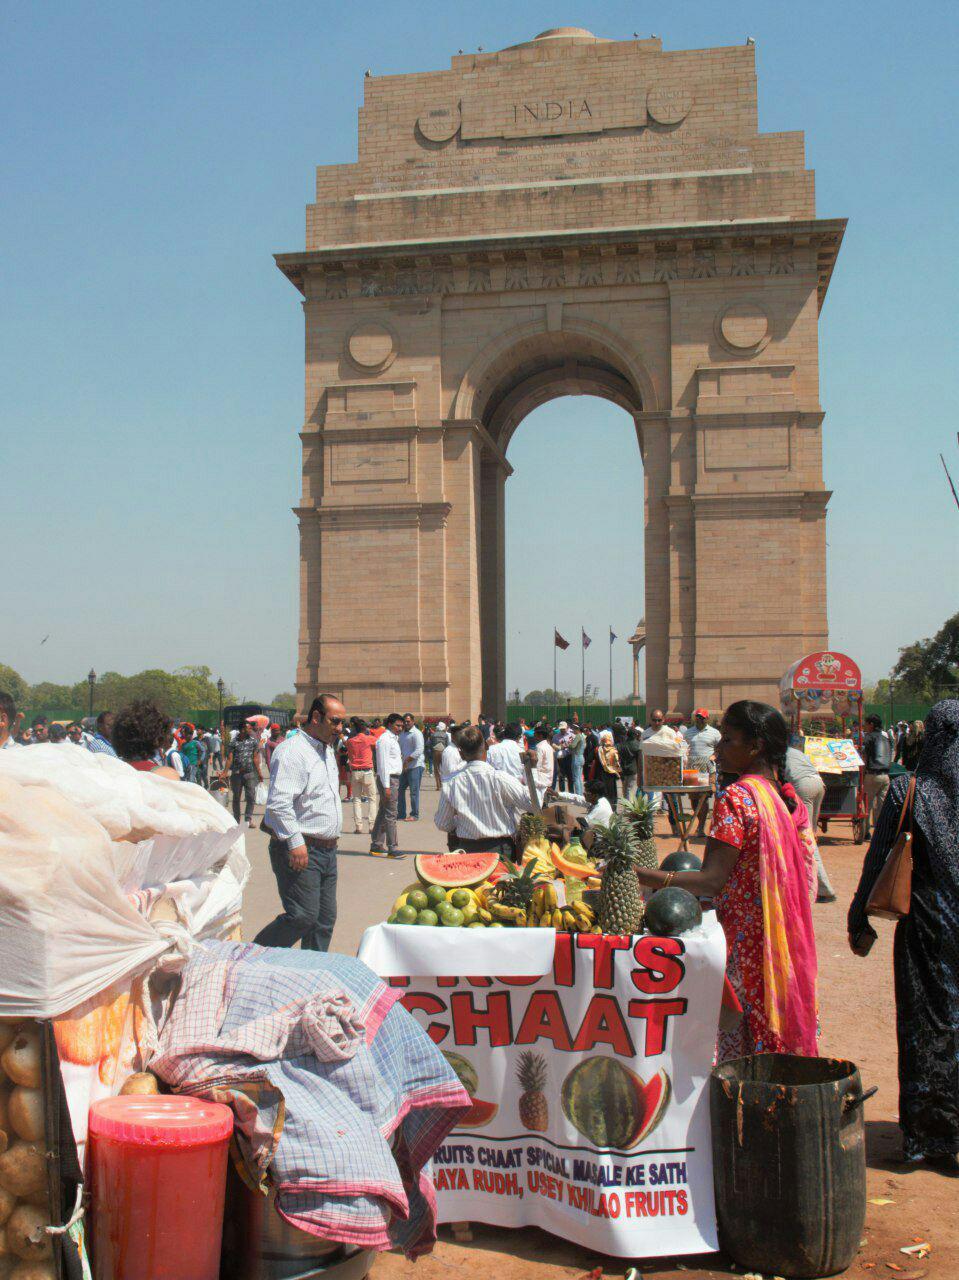 سفر به کشور 72 ملت -  خواستگاری در سرزمین هند (+عکس)